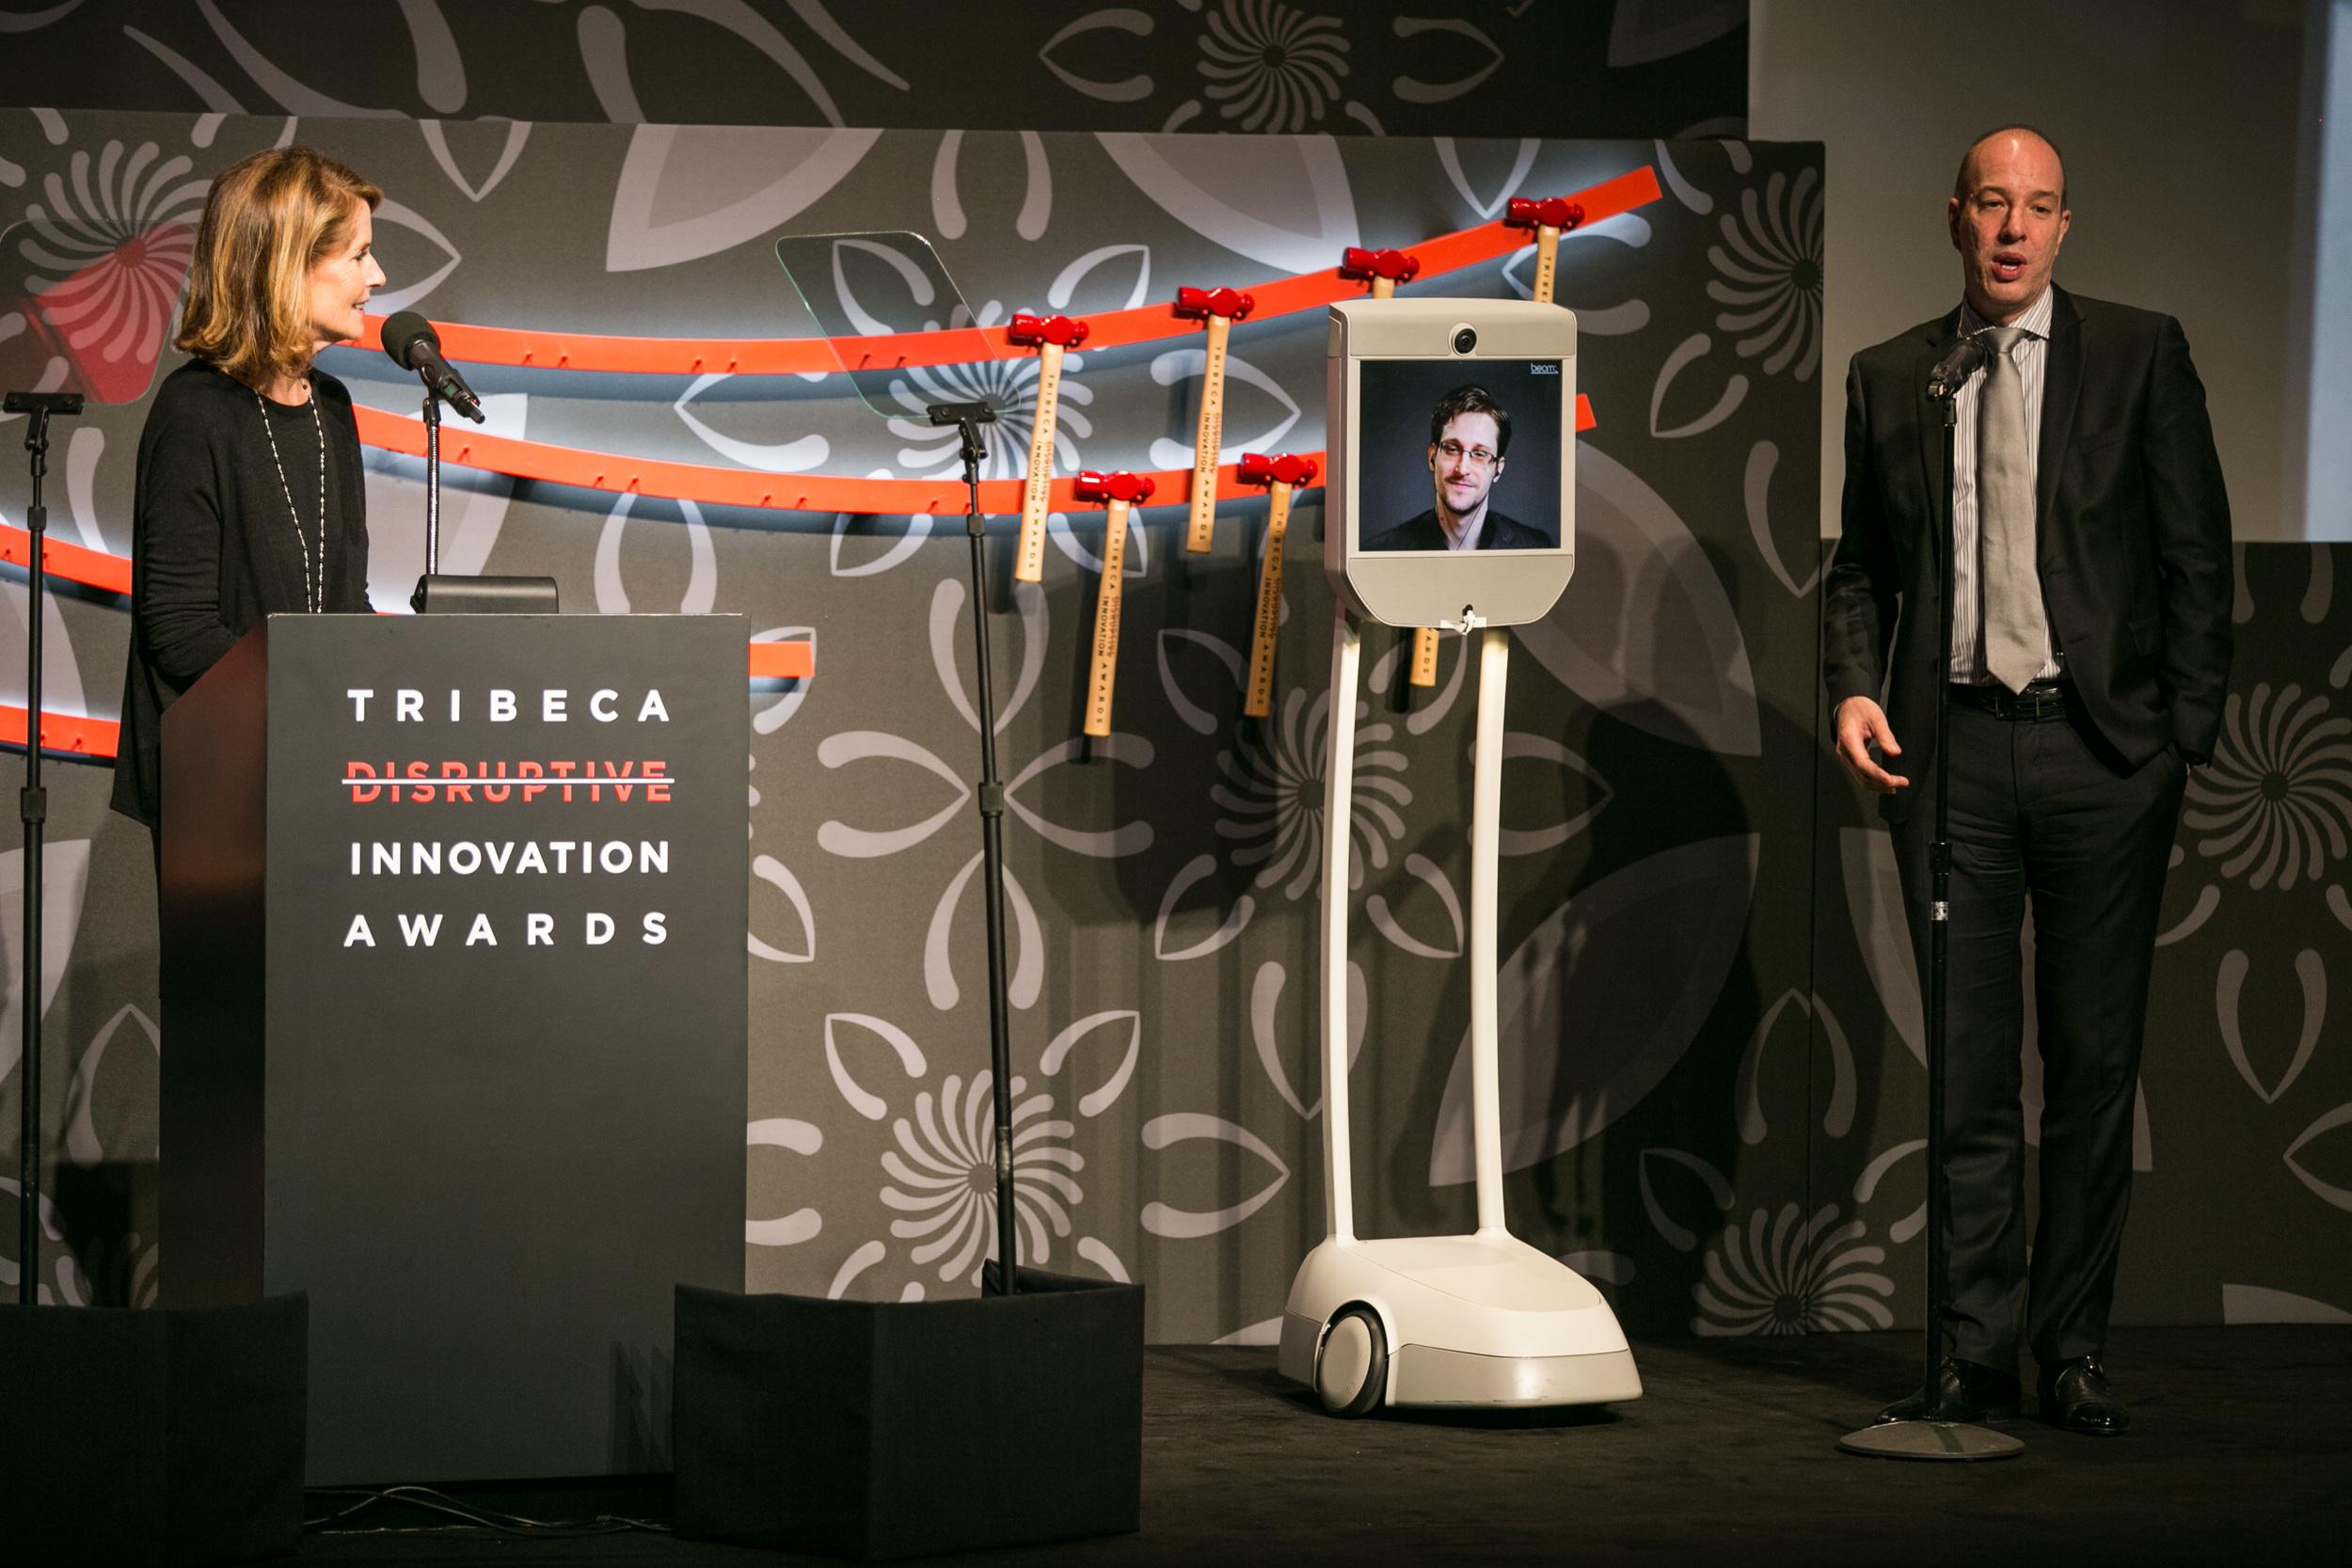 20160422-Tribeca Disruptive Innovation Awards-1112.jpg